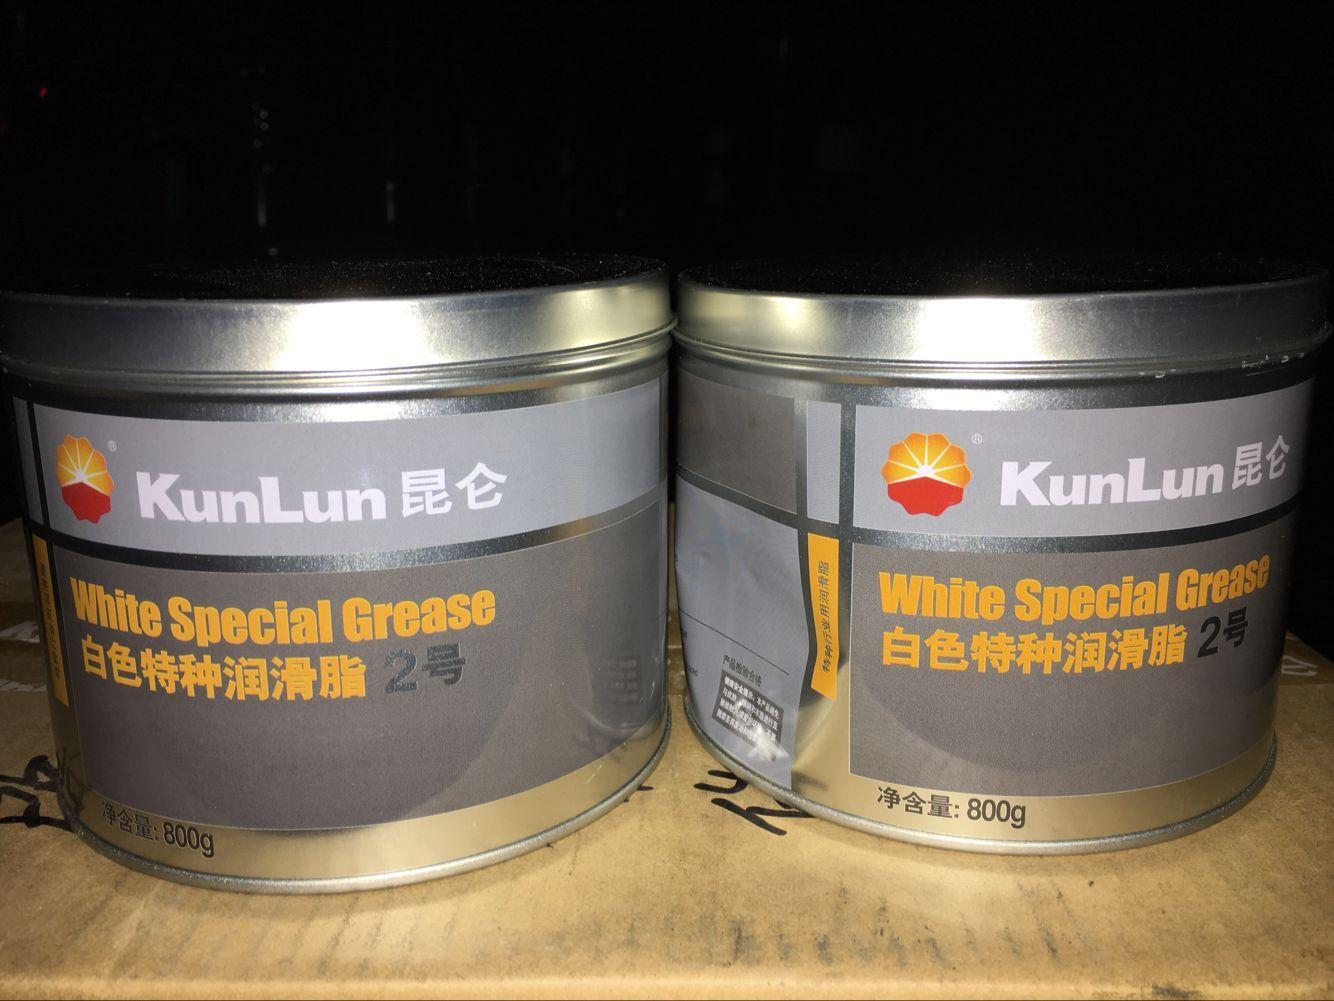 昆仑2号白色特种润滑脂